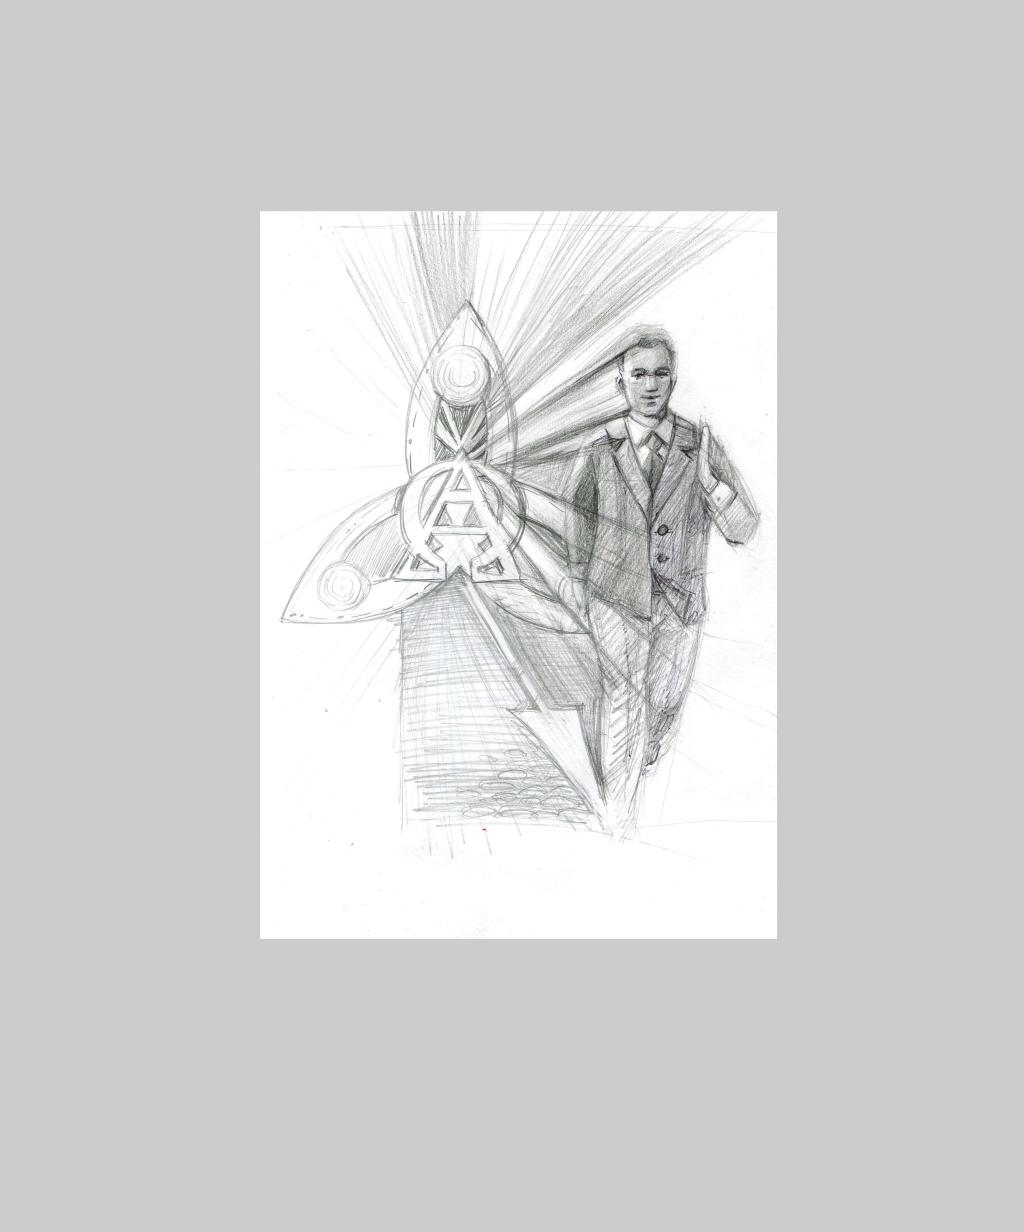 23 чёрно-белые и 1 цветная иллюстрация для книги (конкурс) фото f_91359bff6152ab45.jpg